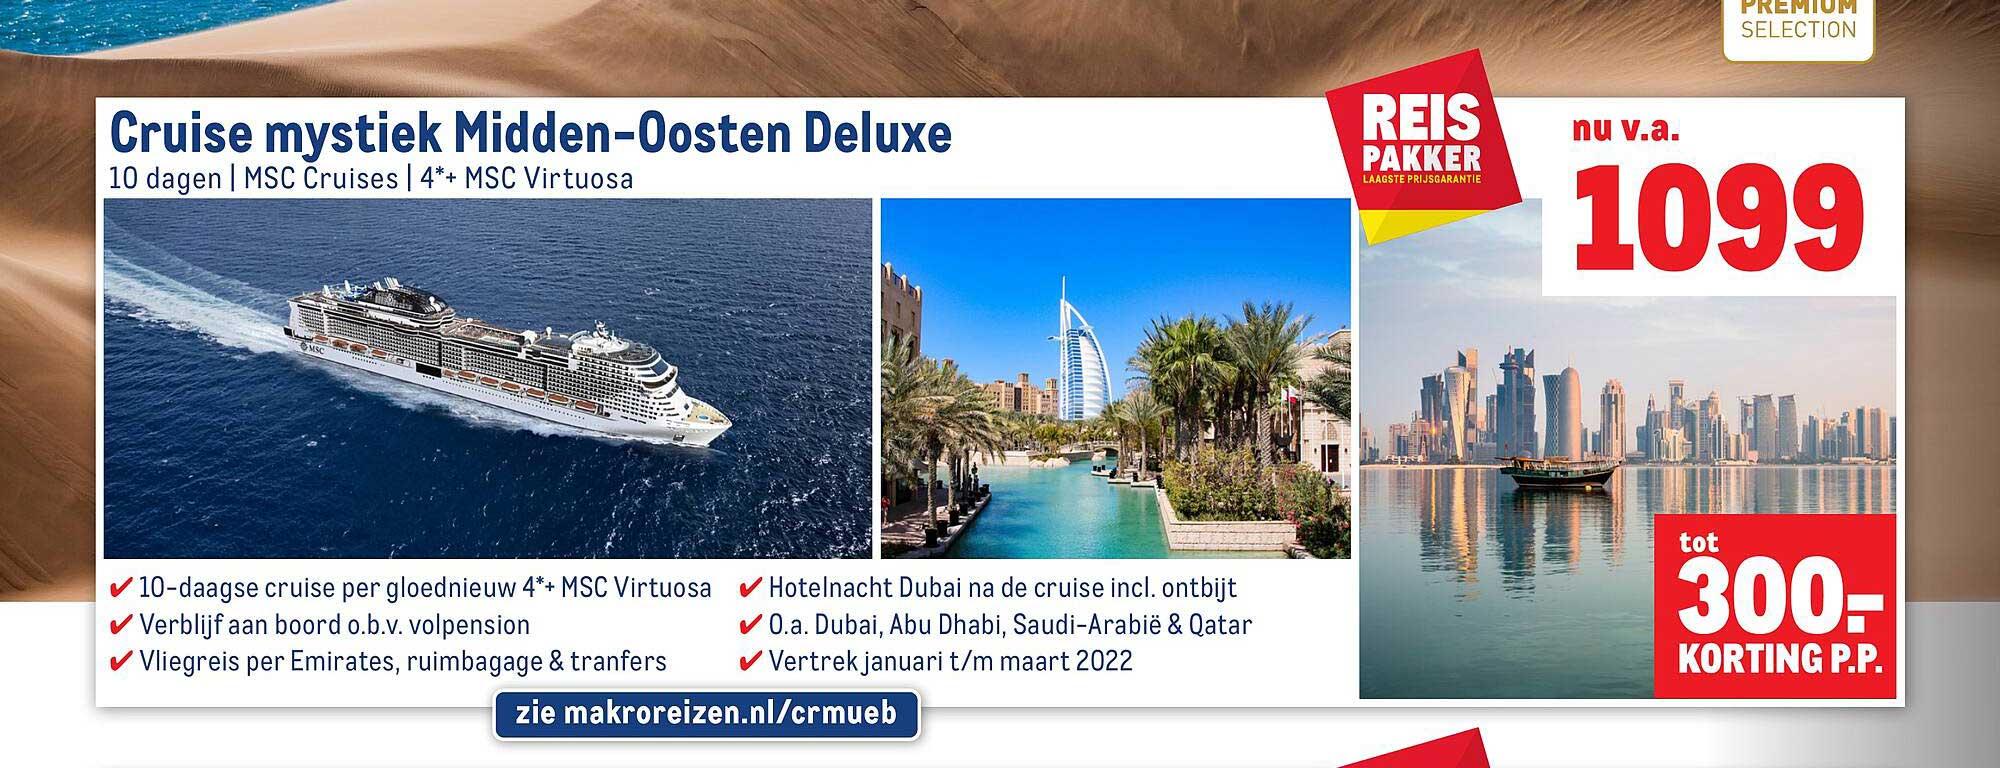 Makro Reizen Cruise Mystiel Midden-Oosten Deluxe Tot 300.- Korting